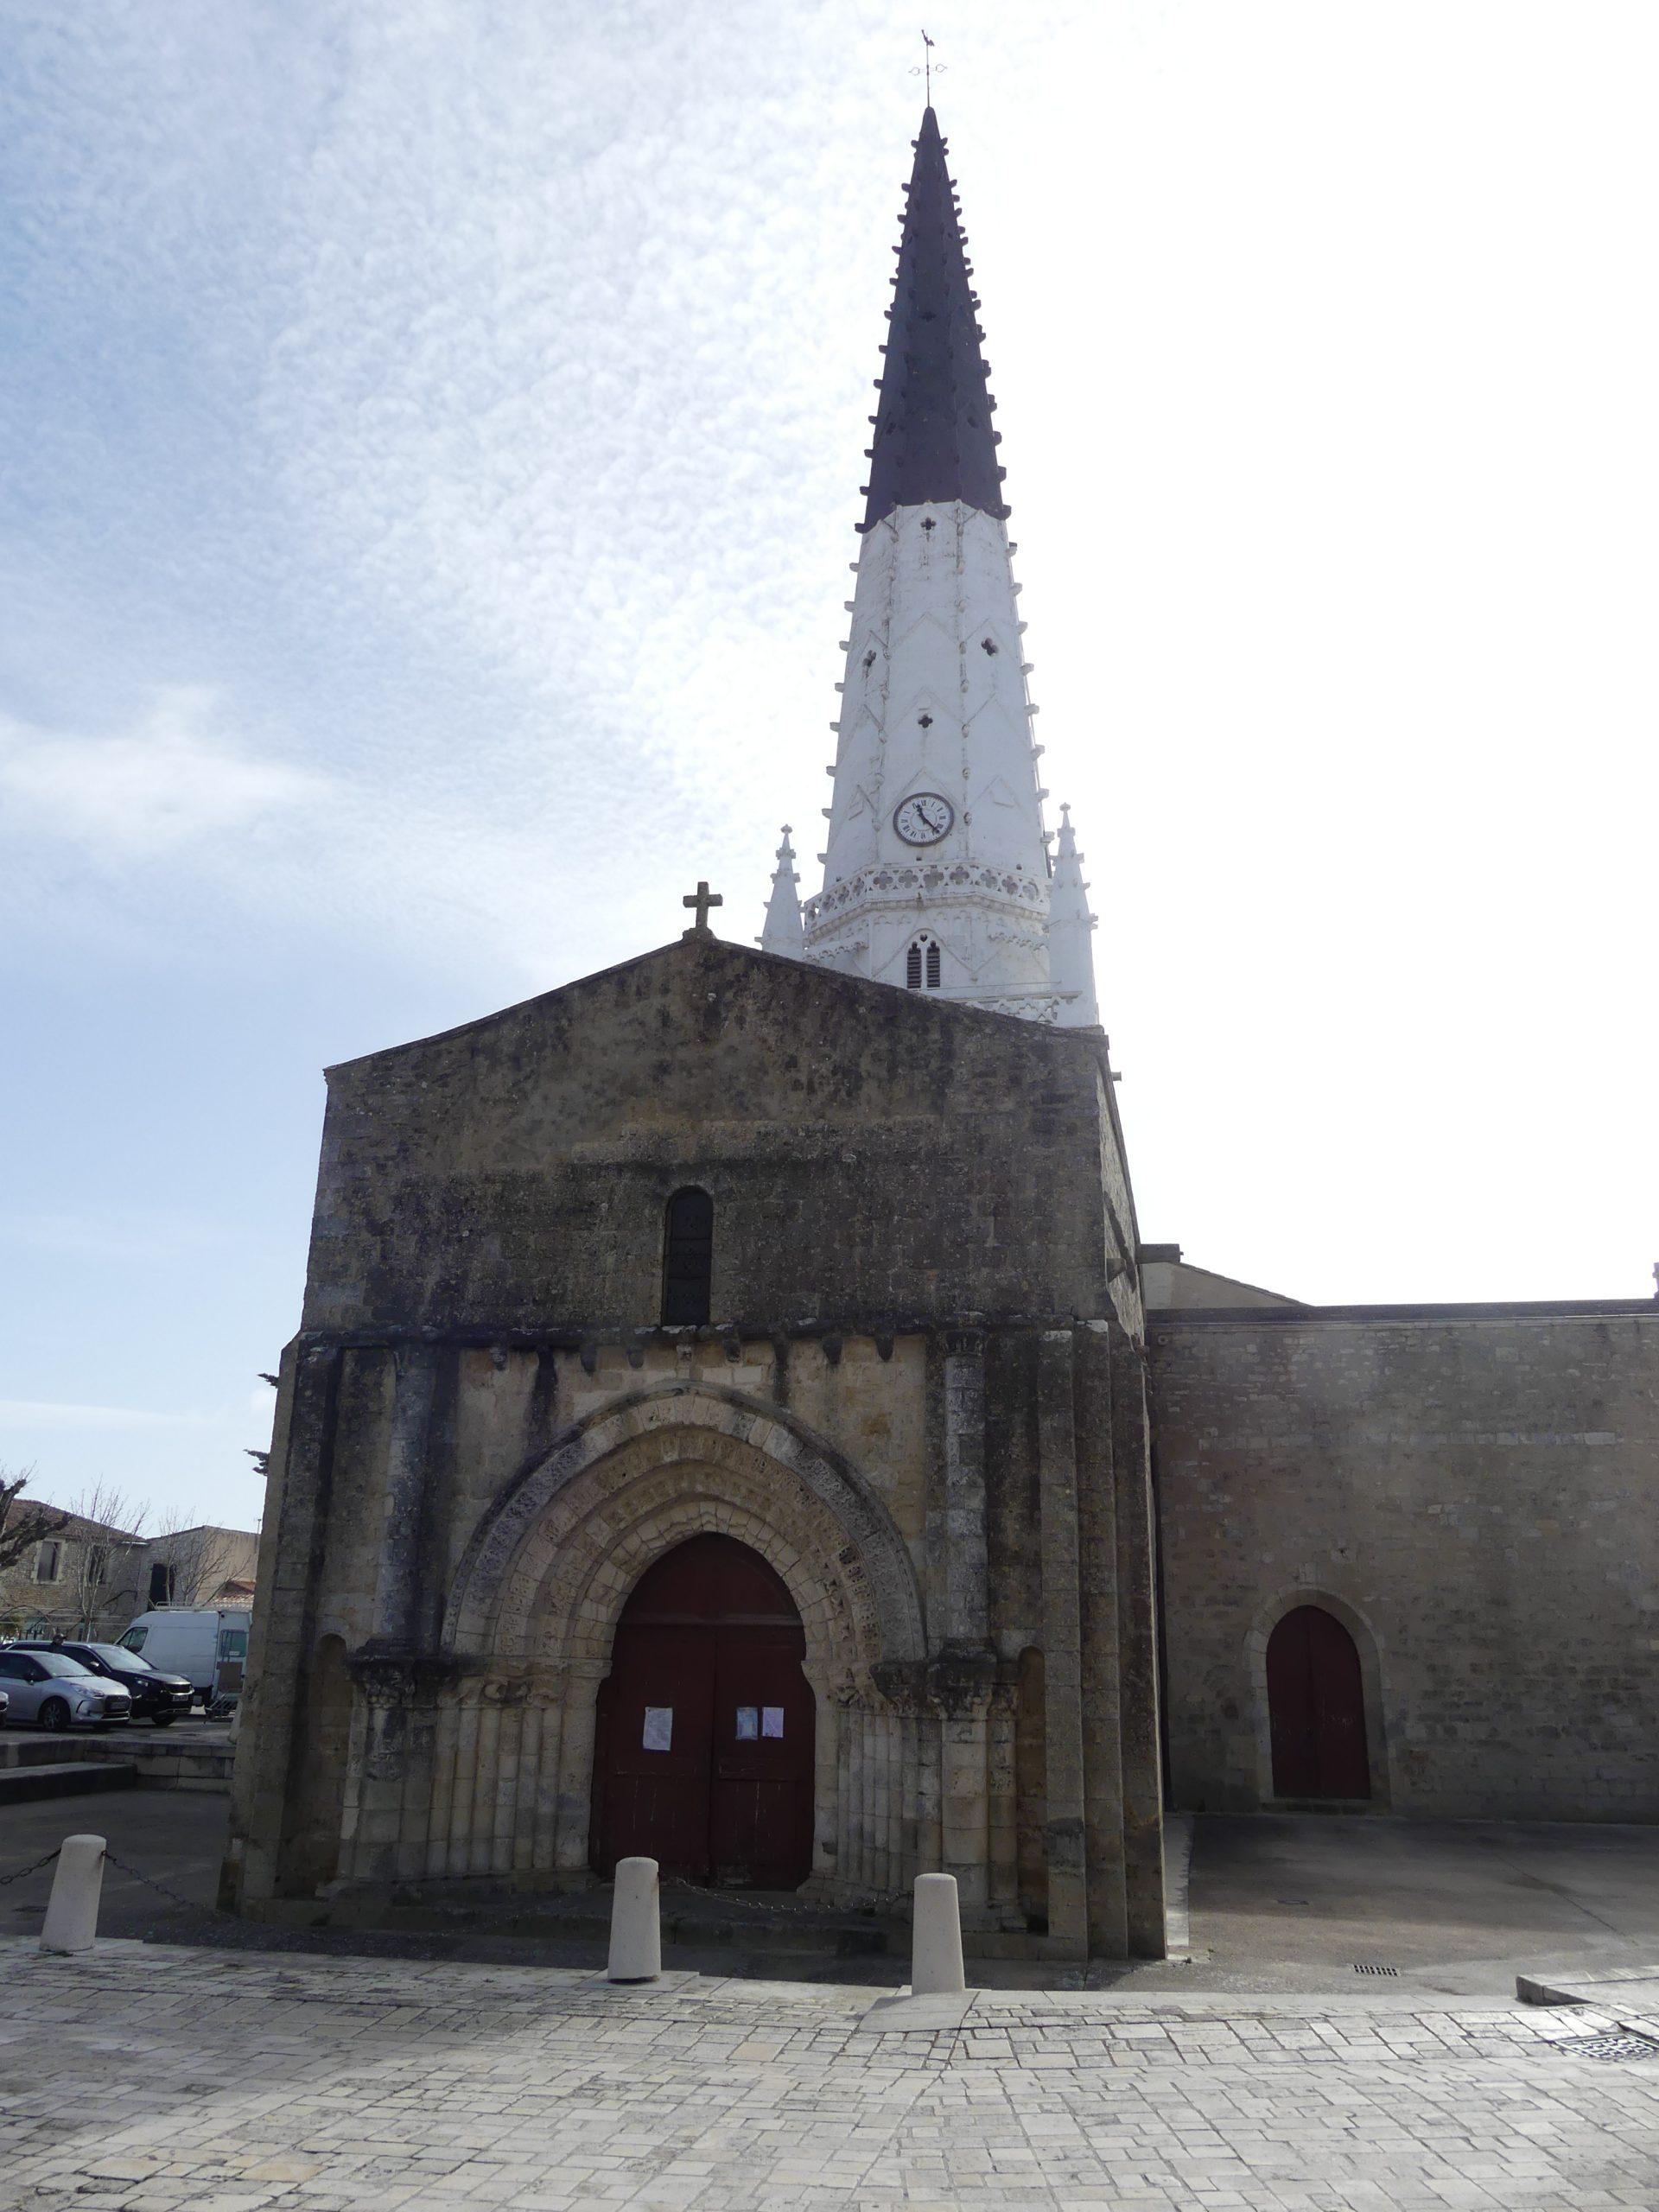 Ars - Eglise - 9 mars 2020